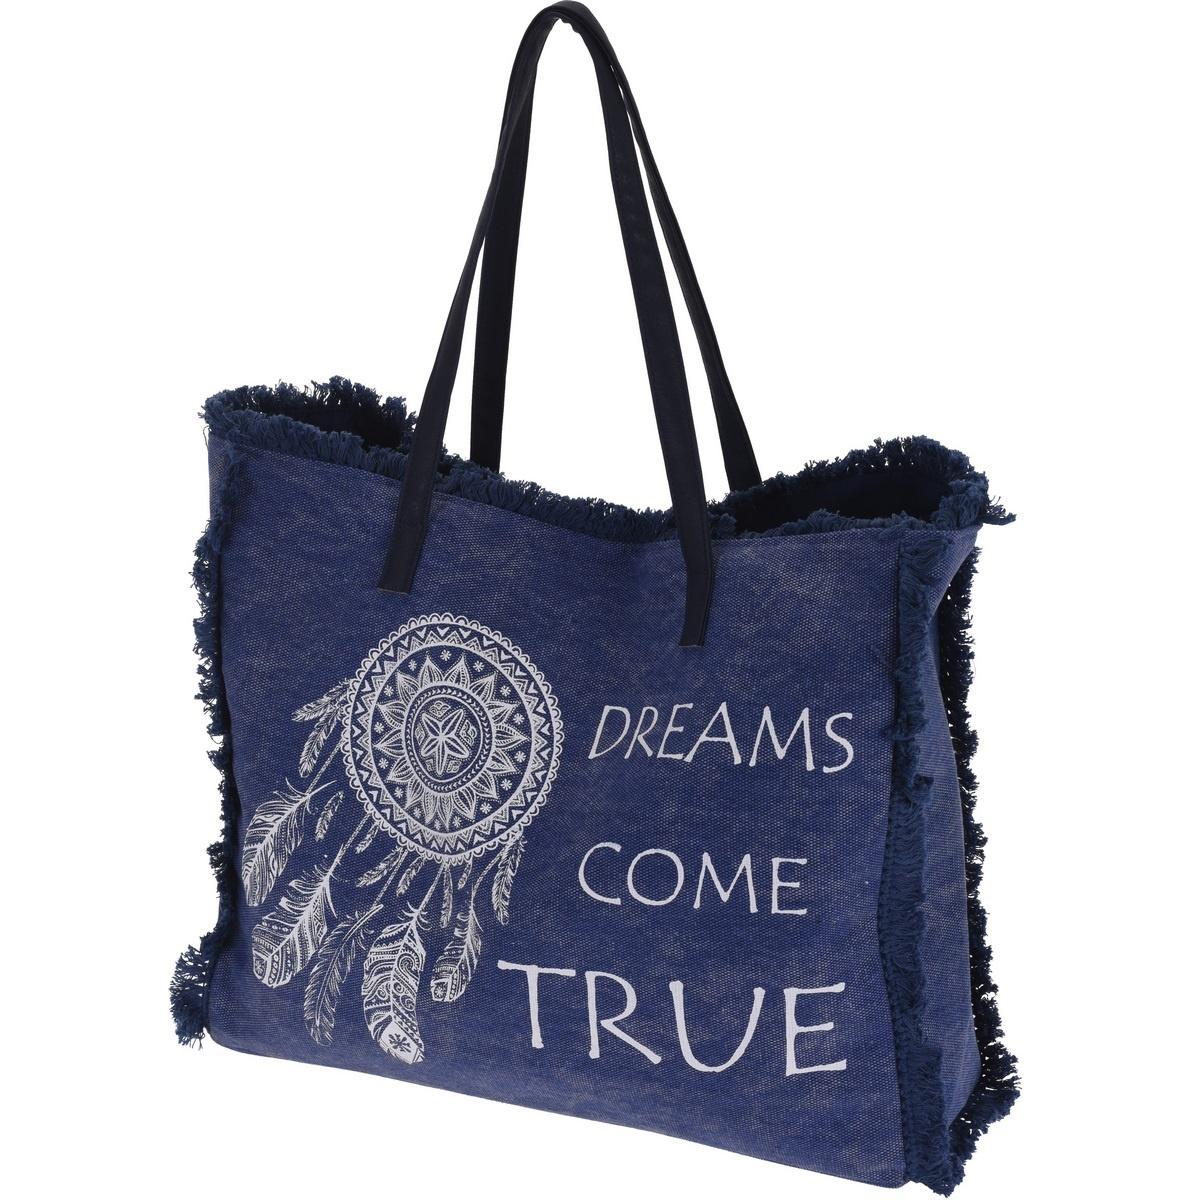 Koopman Plážová taška Dreams come true, modrá